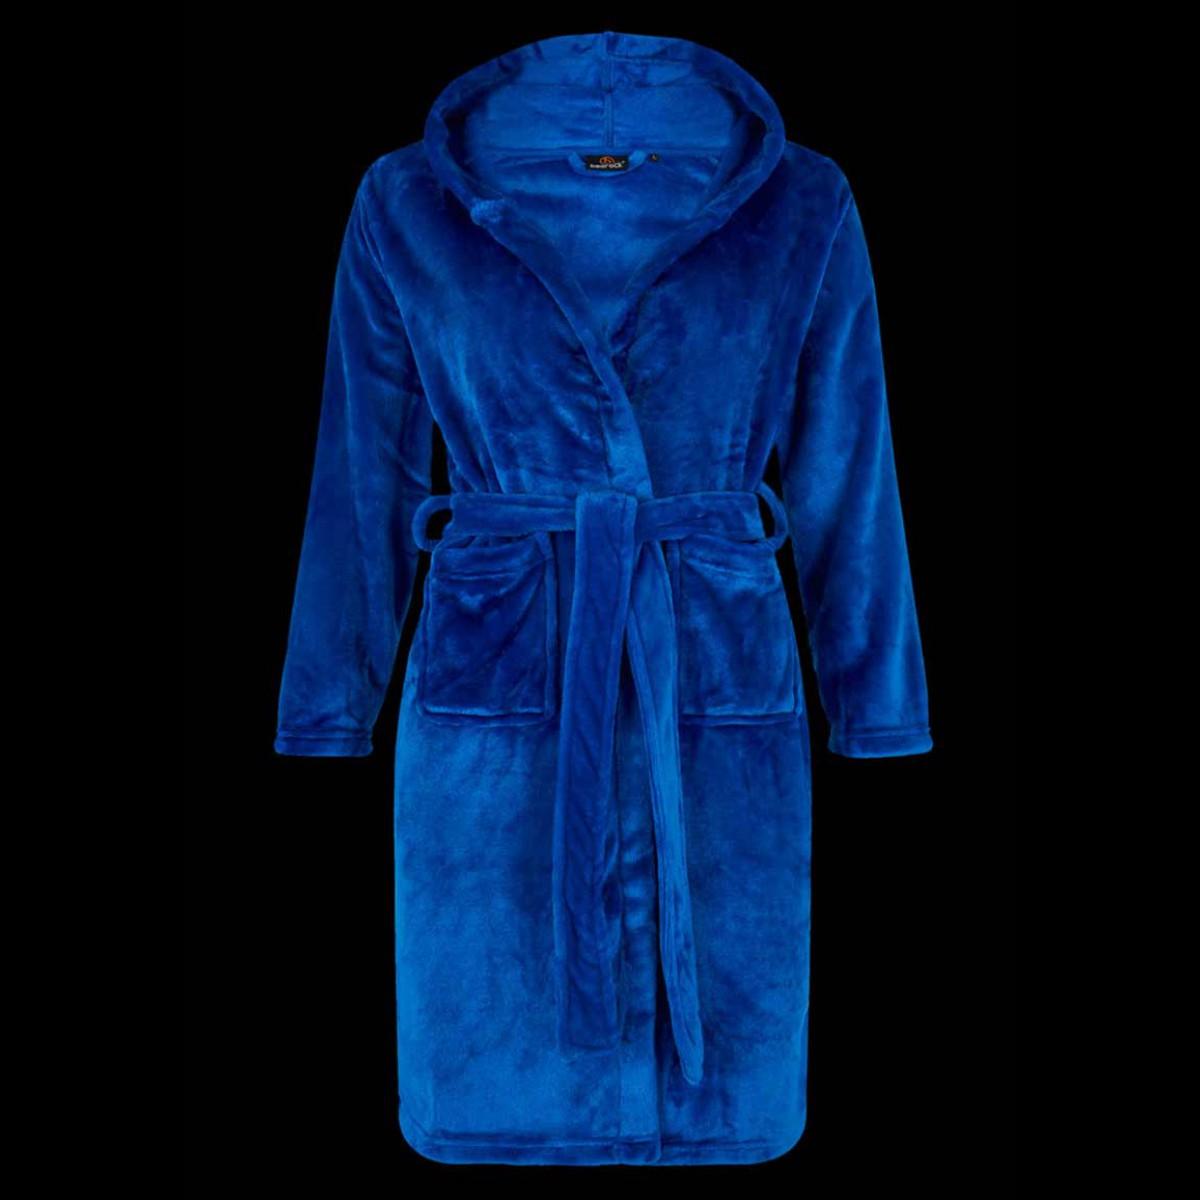 Felblauwe kinderbadjas